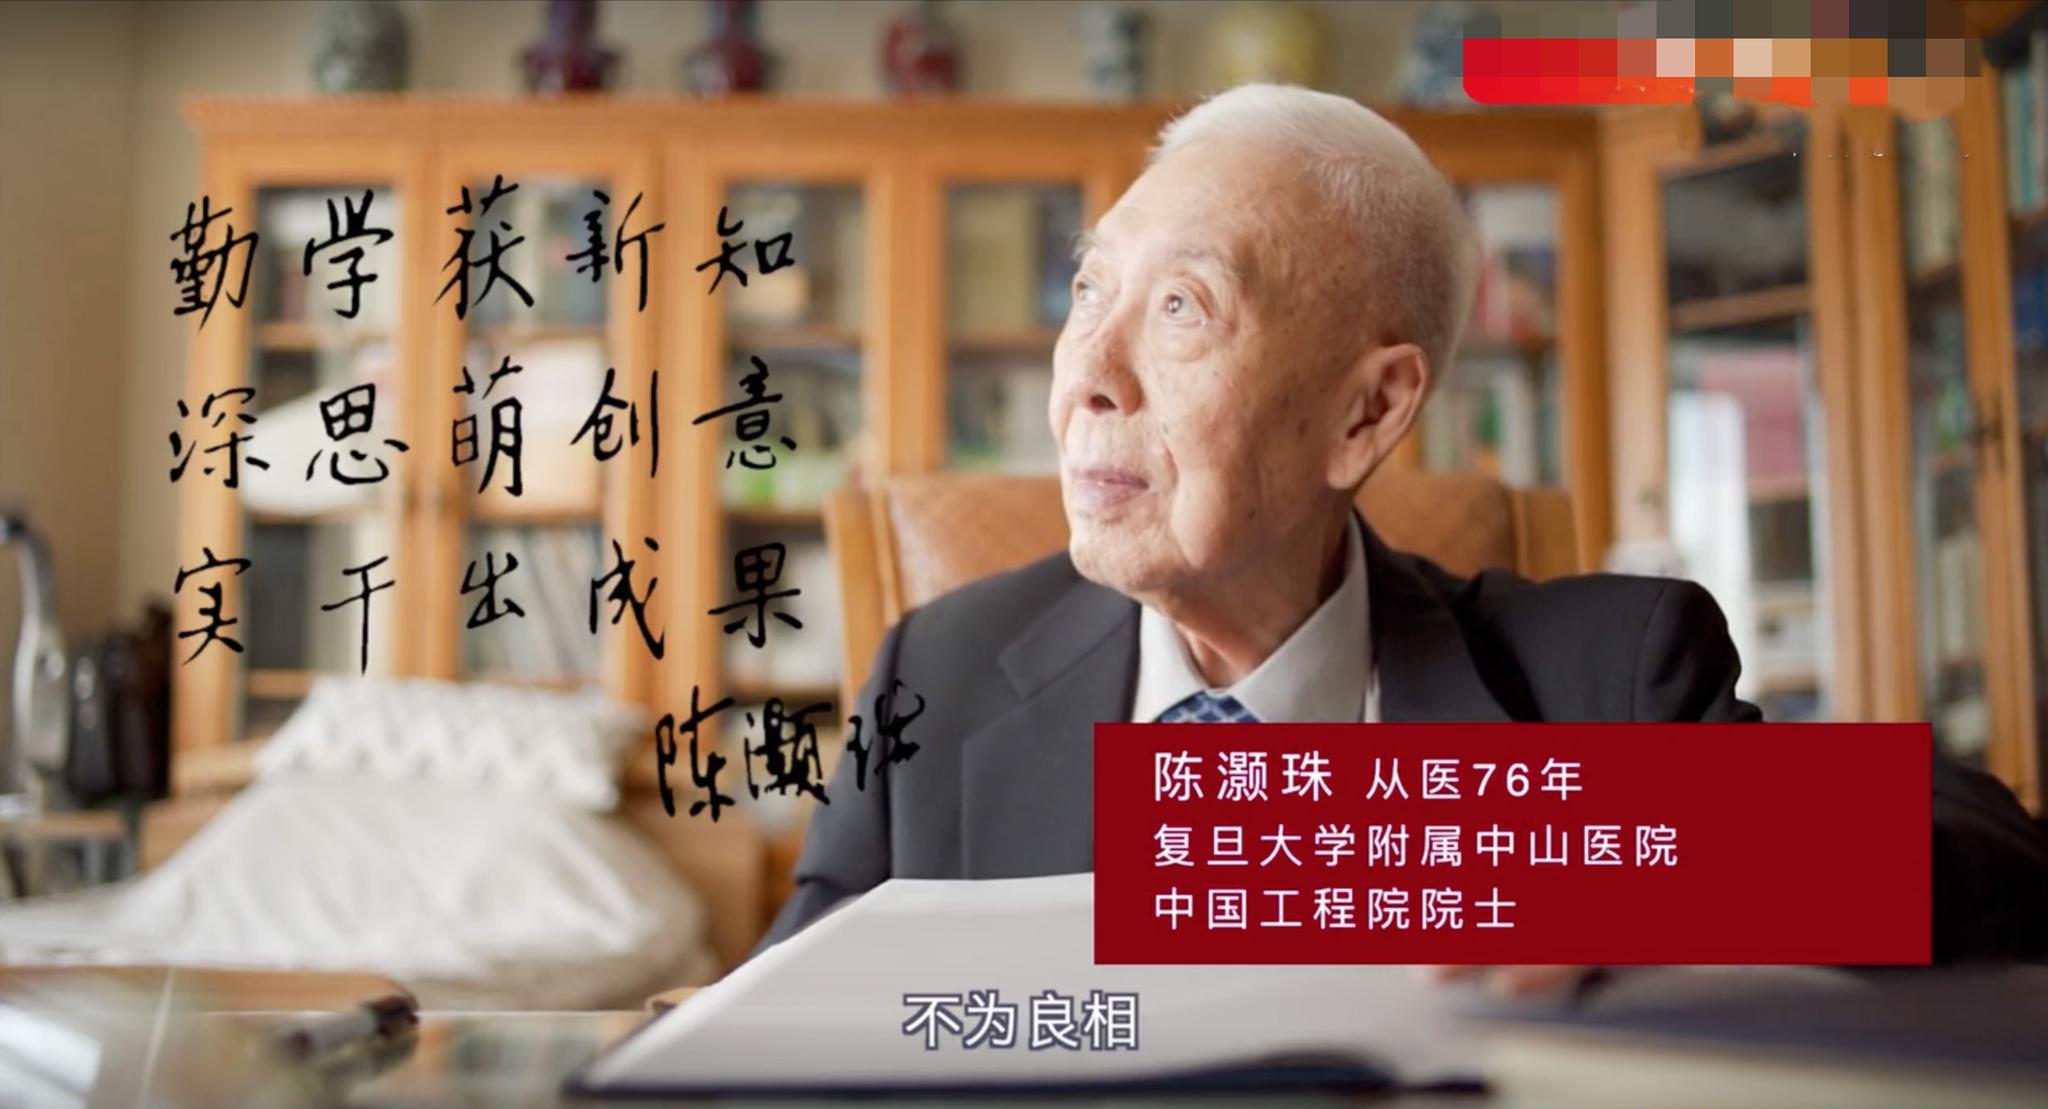 【视频】名医与共和国共成长 | 中国工程院院士、著名心血管专家陈灏珠:不为良相,便为良医